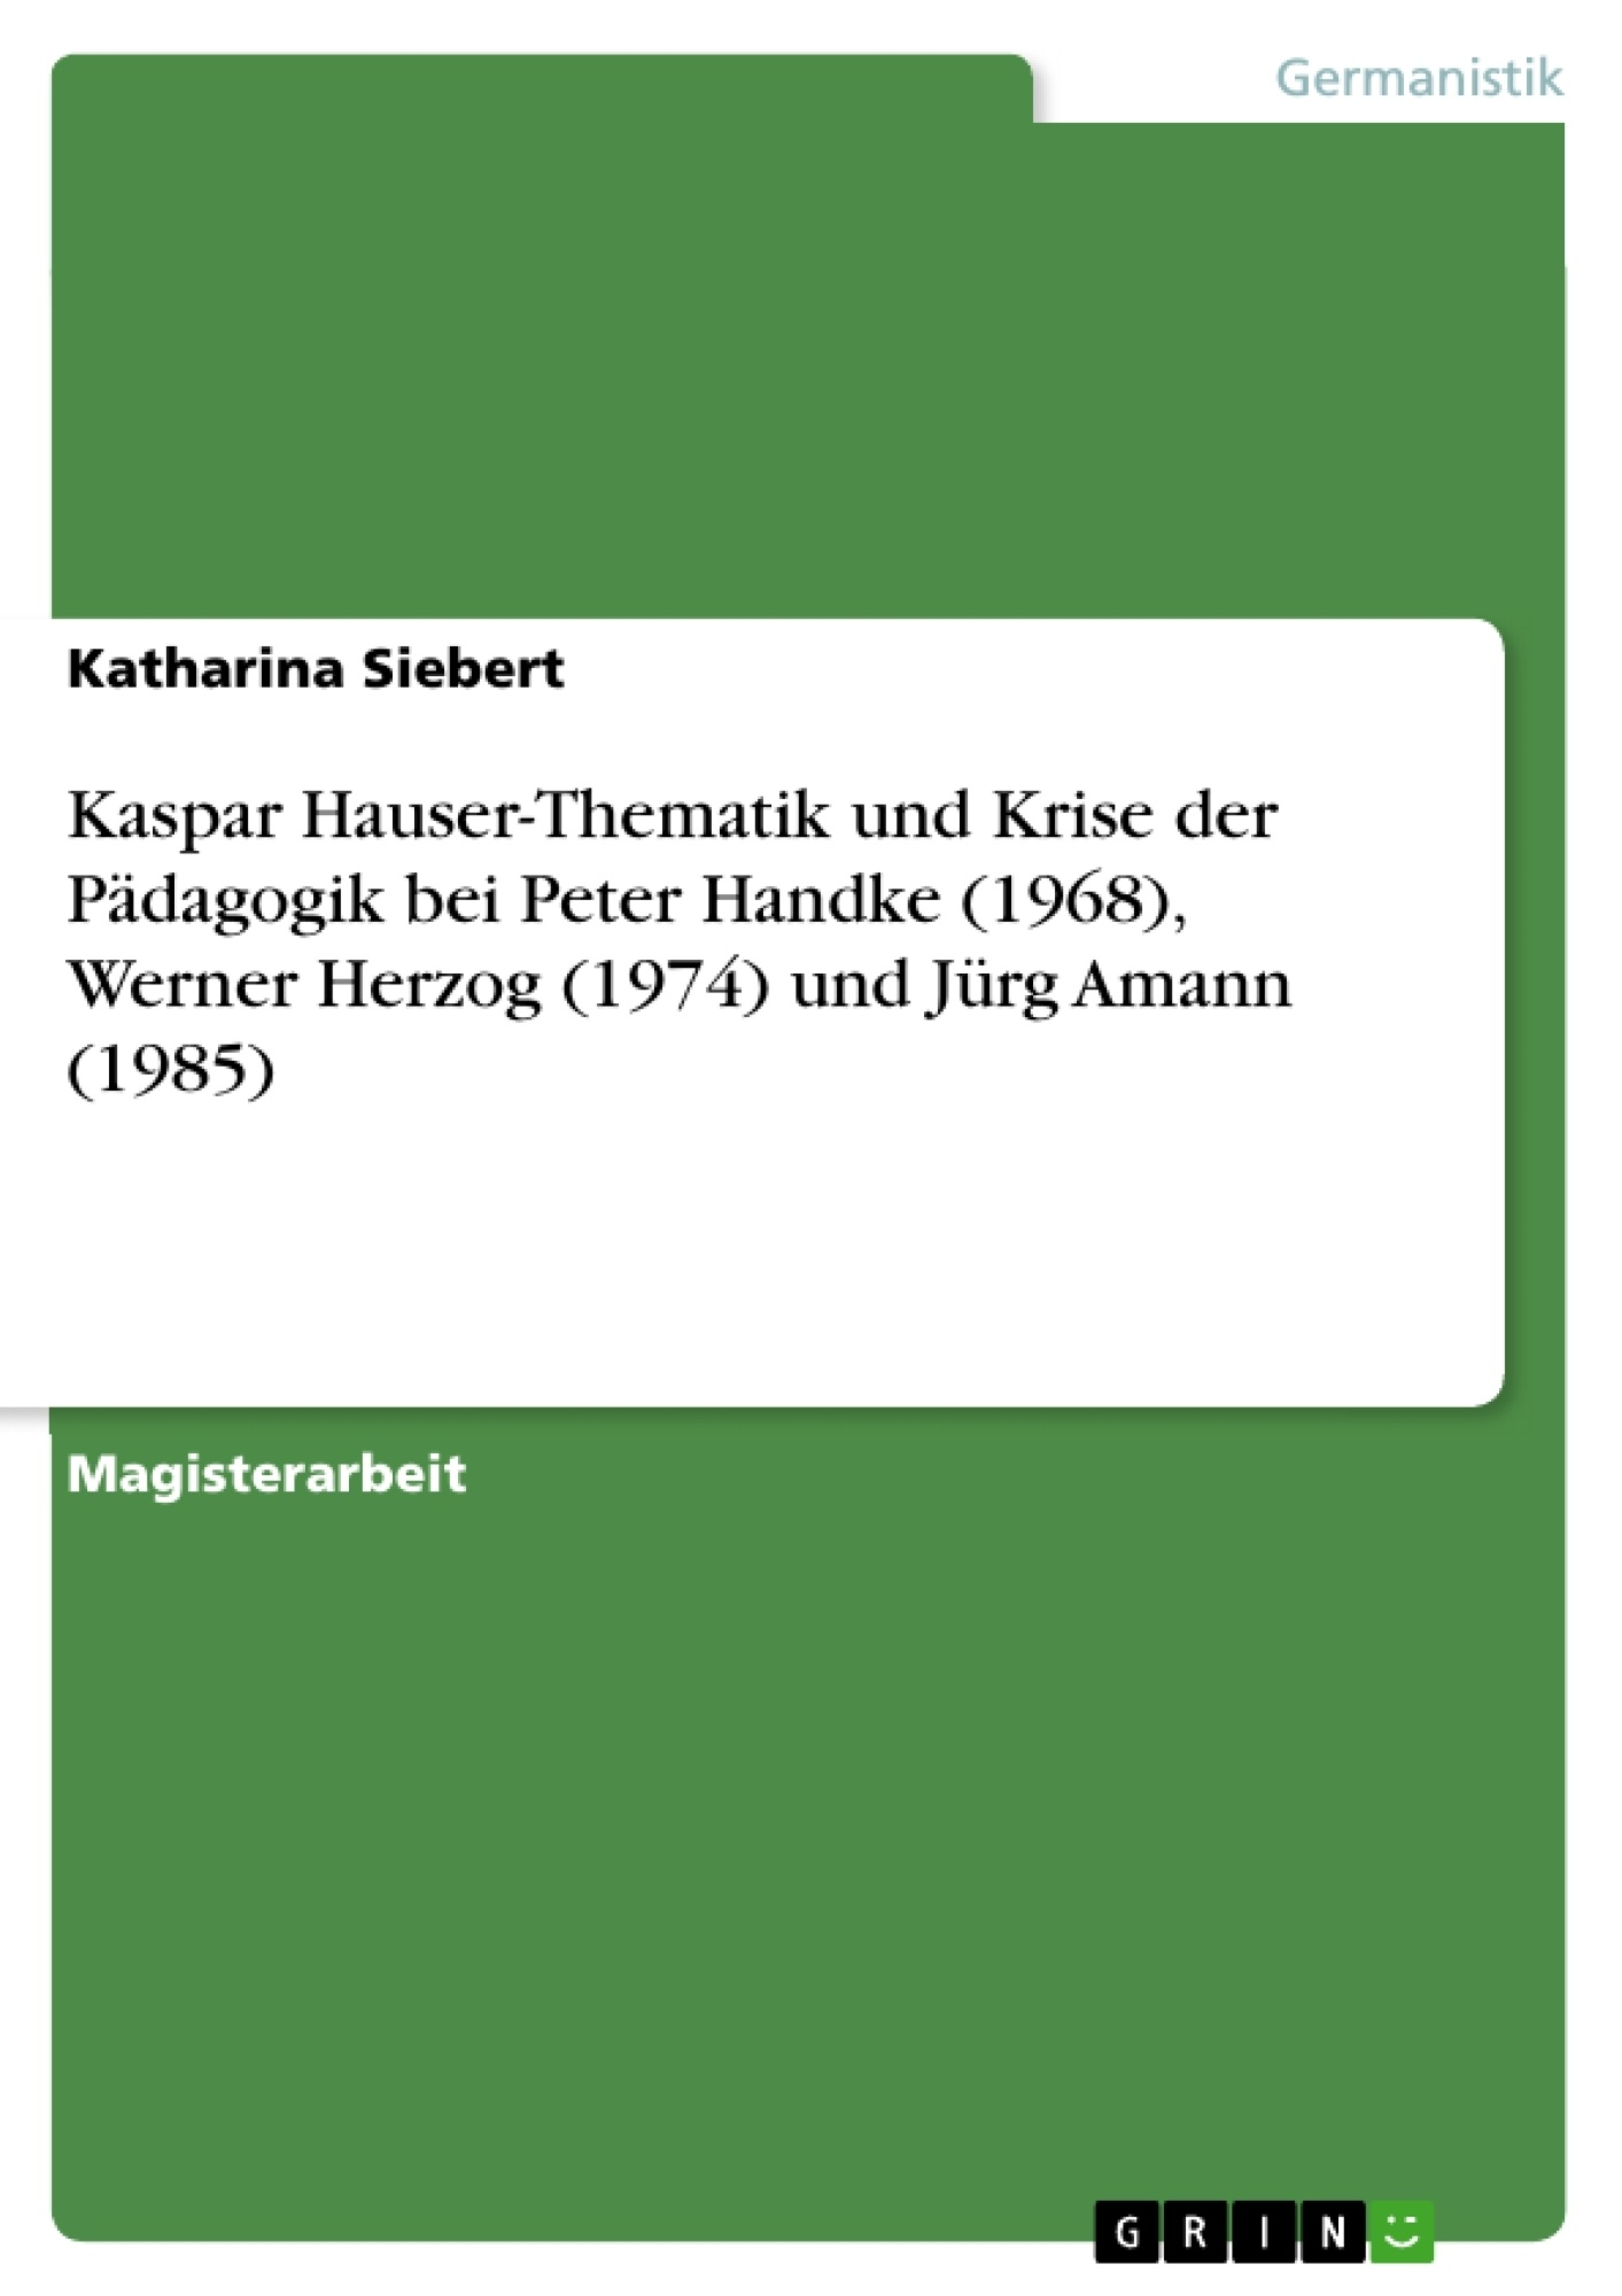 Titel: Kaspar Hauser-Thematik und Krise der Pädagogik bei Peter Handke (1968), Werner Herzog (1974) und Jürg Amann (1985)